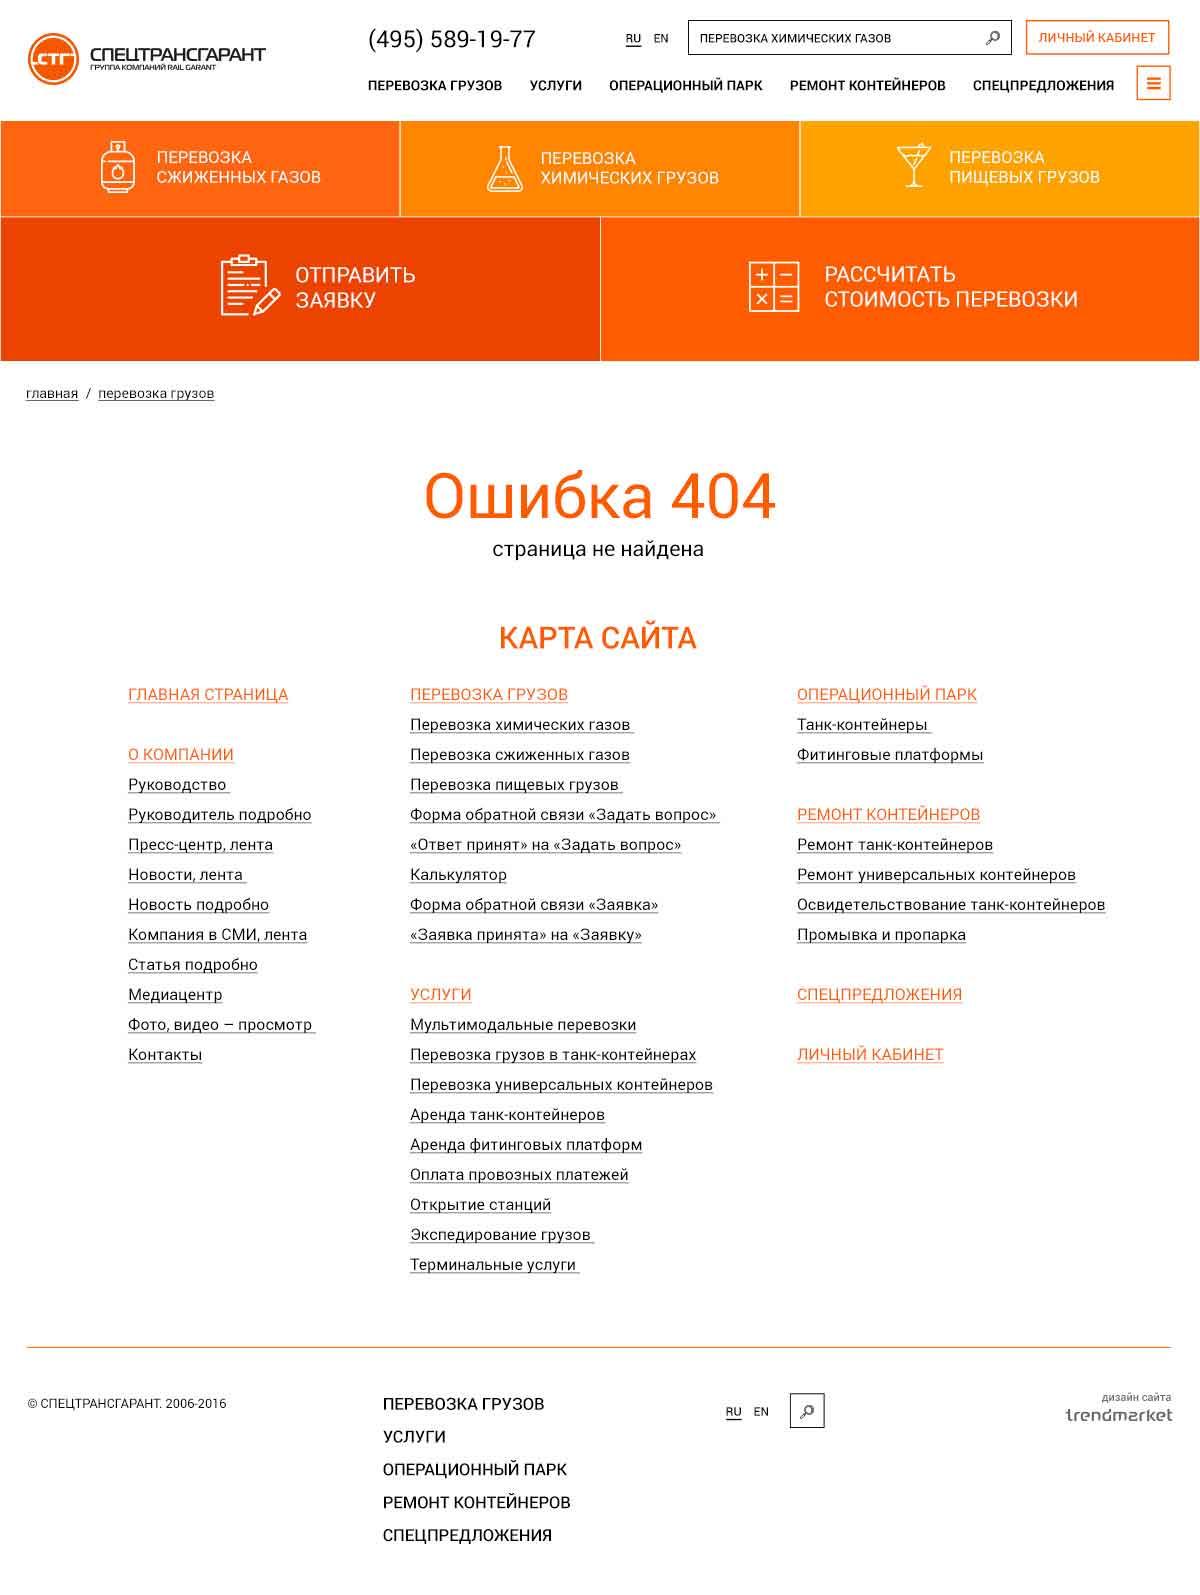 ошибка 404 и карта сайта